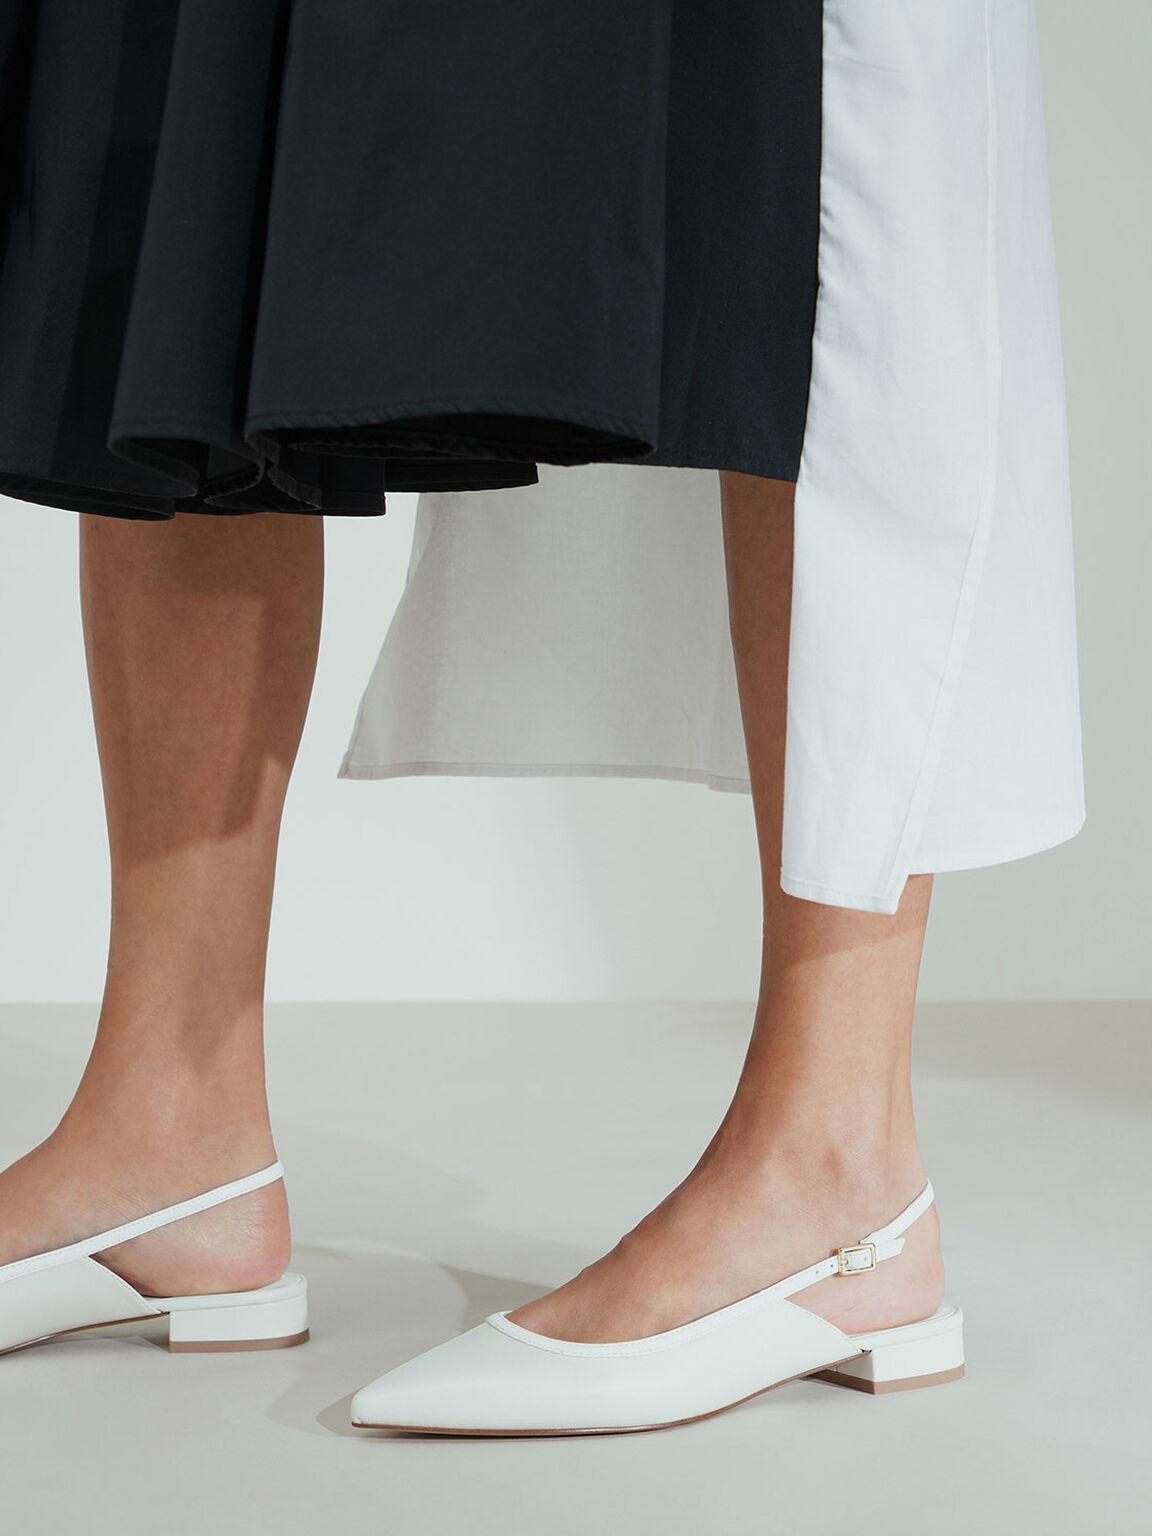 後繞帶尖頭鞋, 石灰白, hi-res